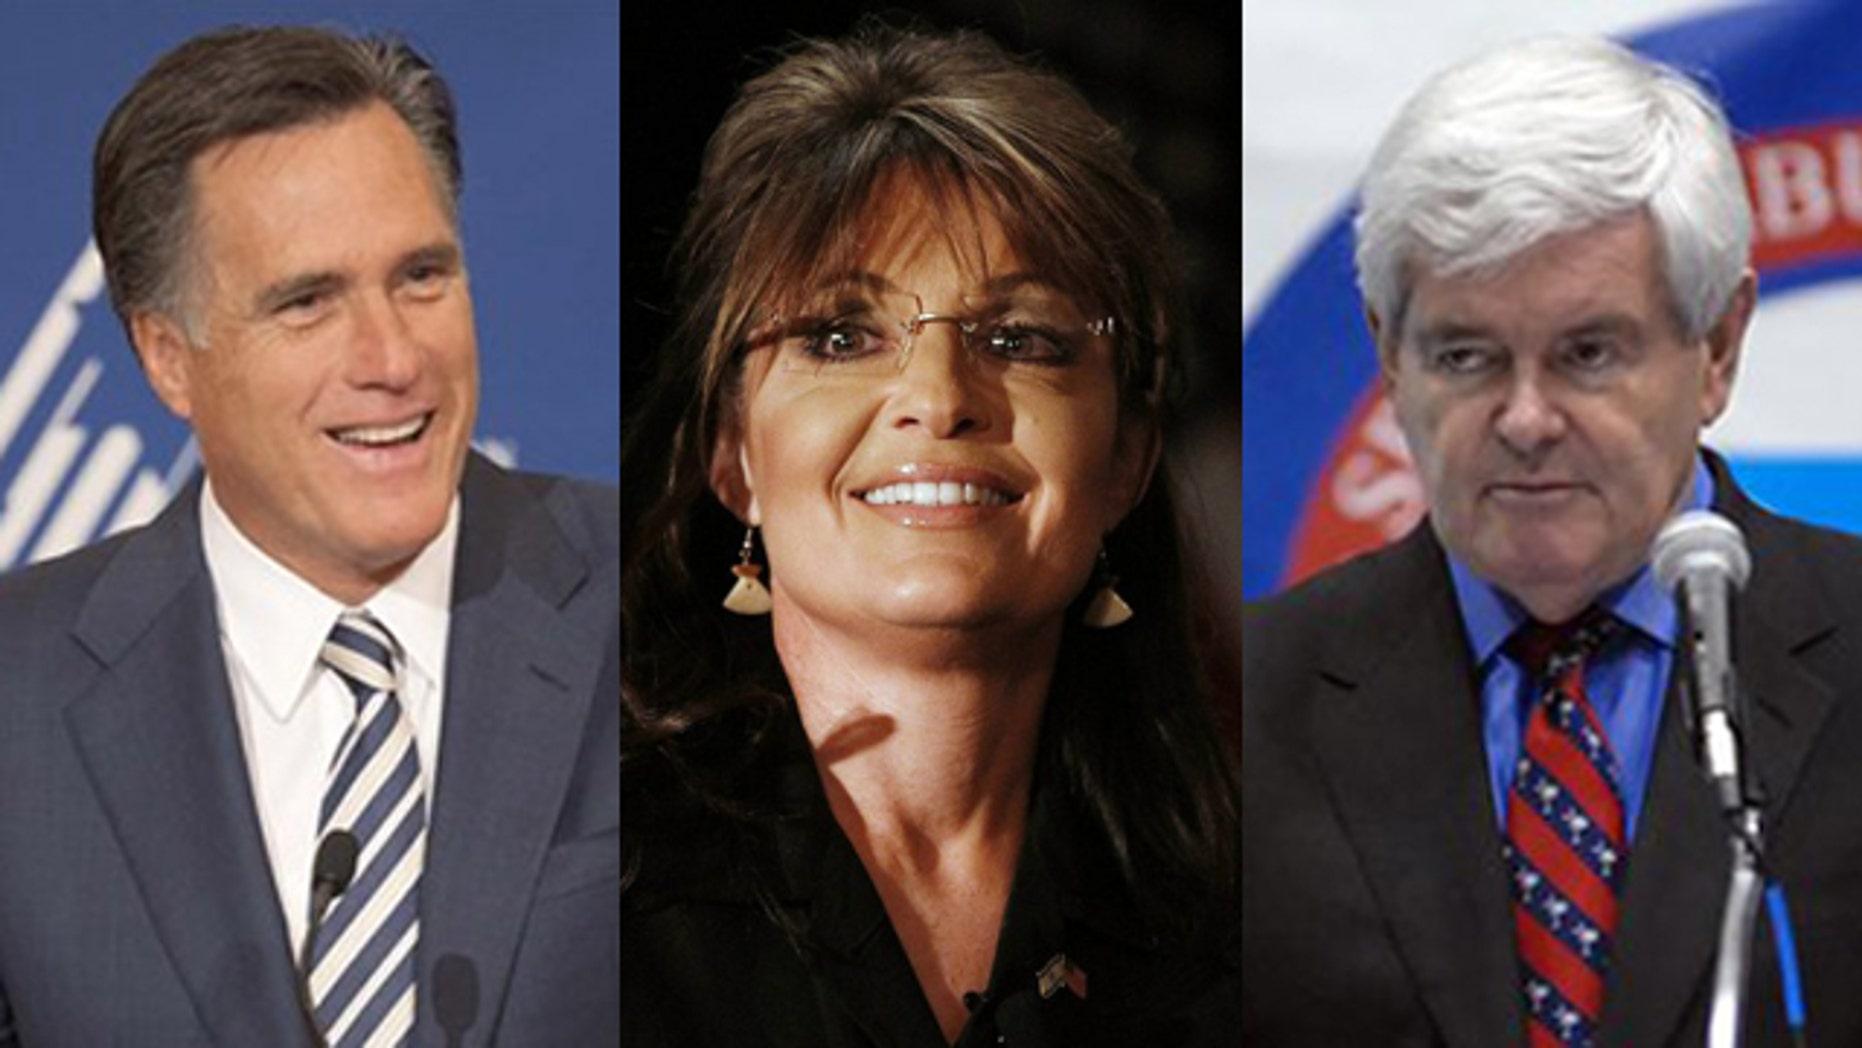 Shown here are former Massachusetts Gov. Mitt Romney, left, former Alaska Gov. Sarah Palin, center, and former House Speaker Newt Gingrich.